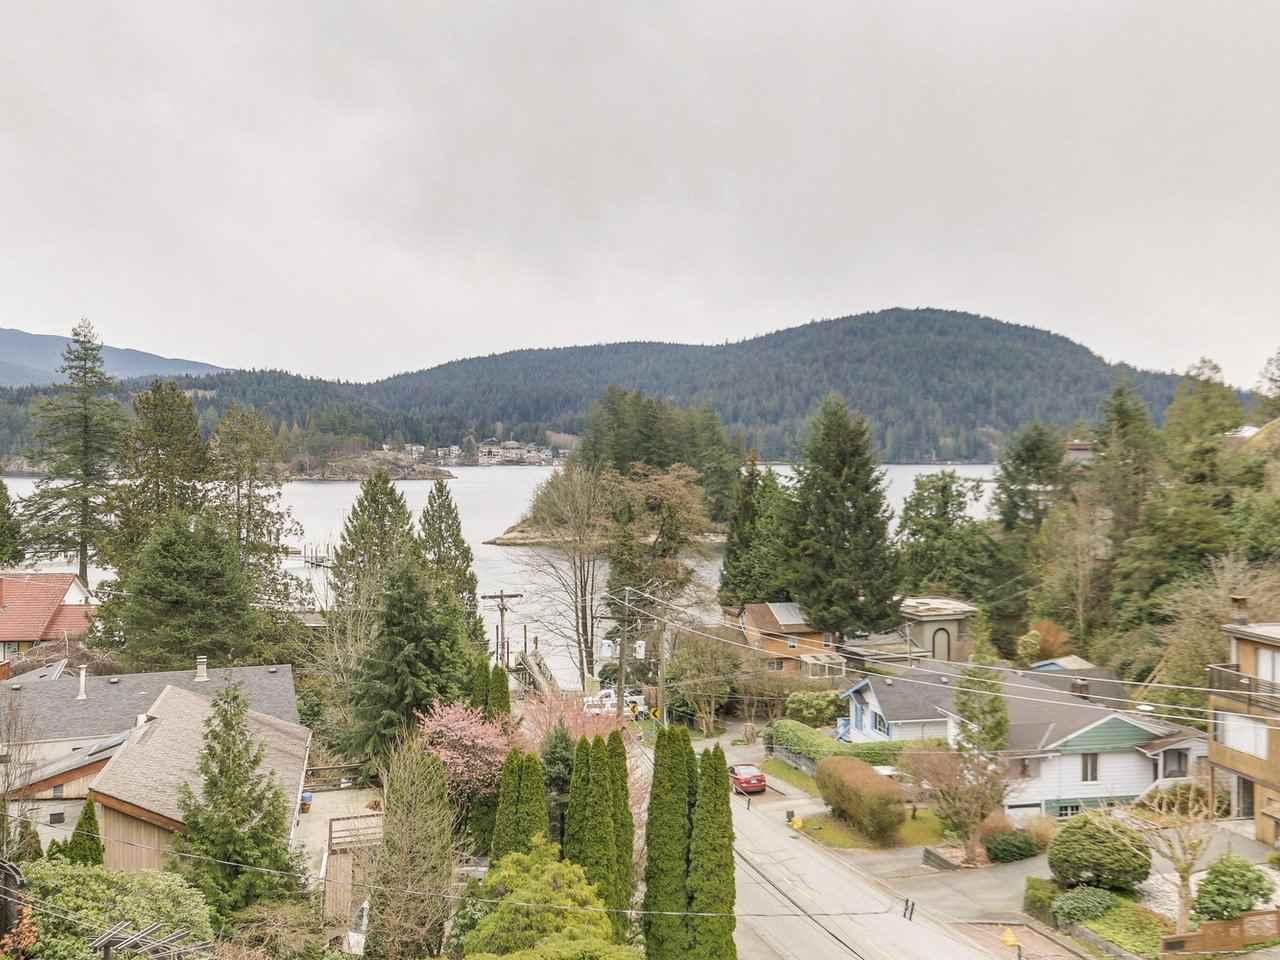 4514 STRATHCONA ROAD, North Vancouver, BC, V7G 1G3 Photo 1